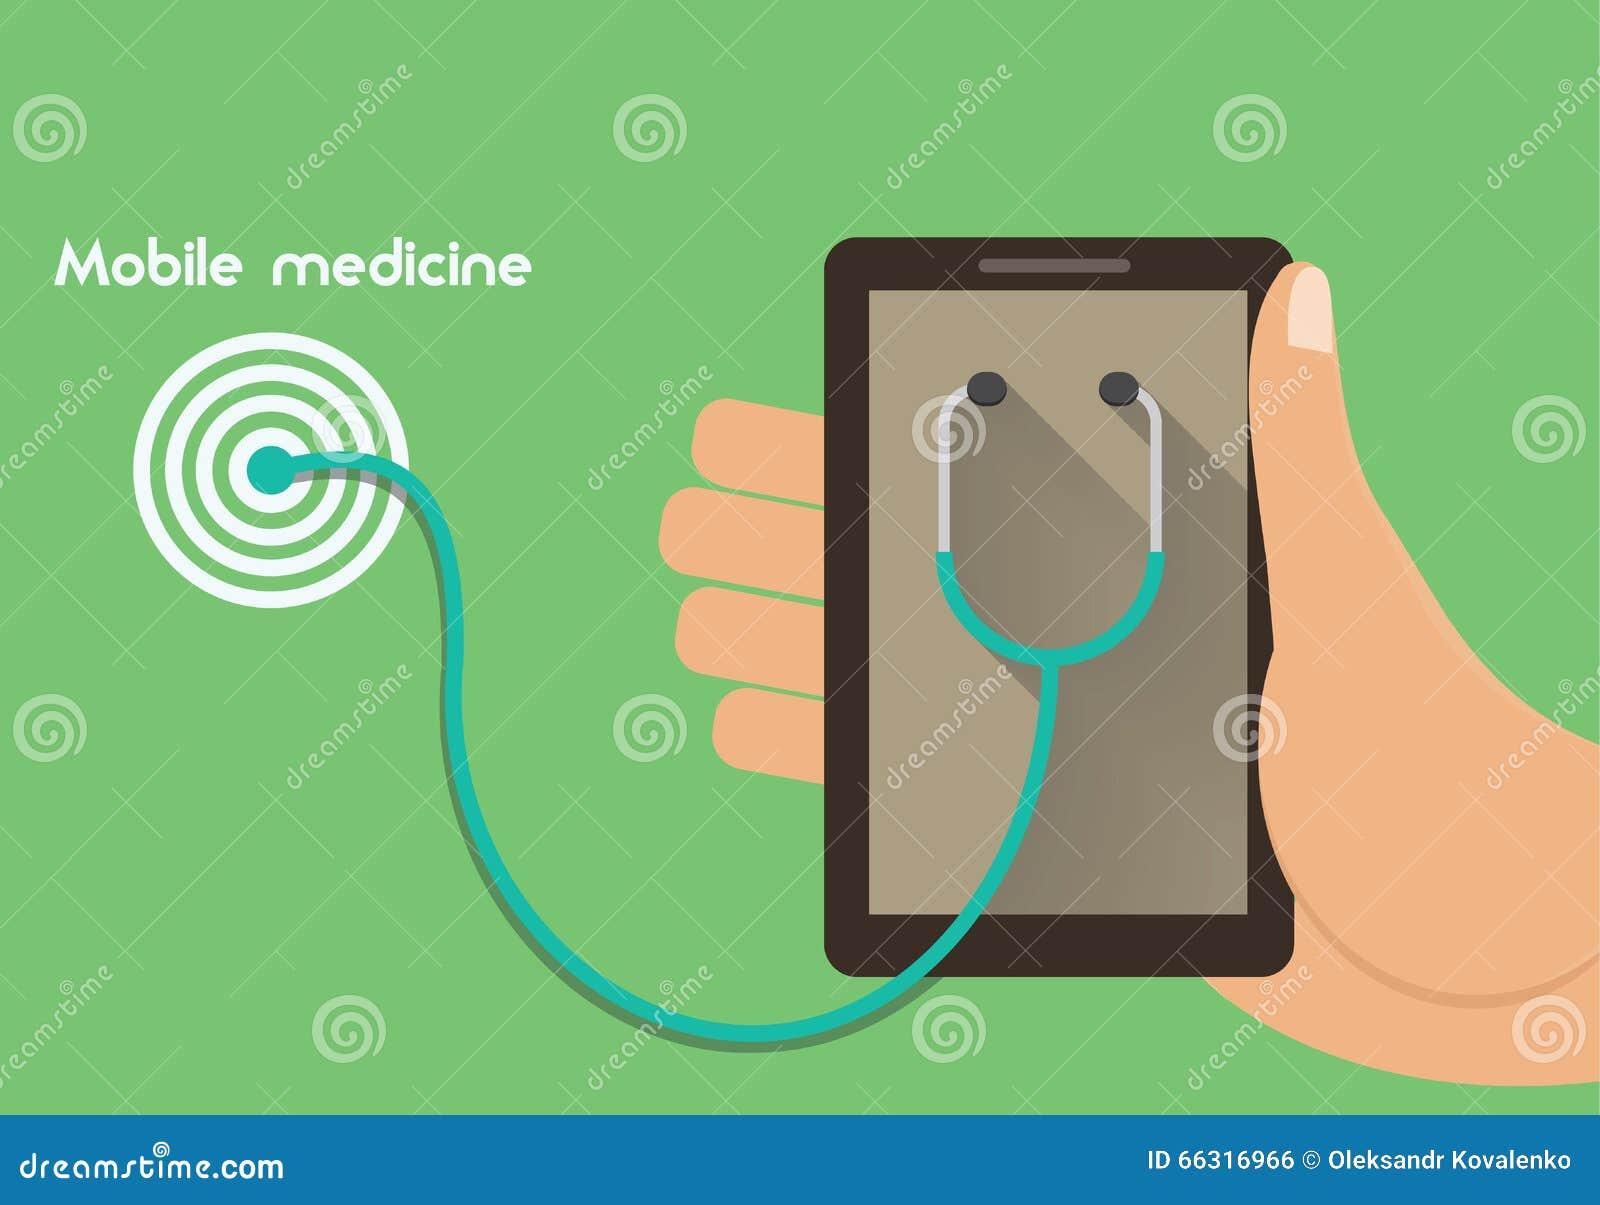 mobile medicine conceptual illustration remote medical supportmobile medicine conceptual illustration remote medical support concept